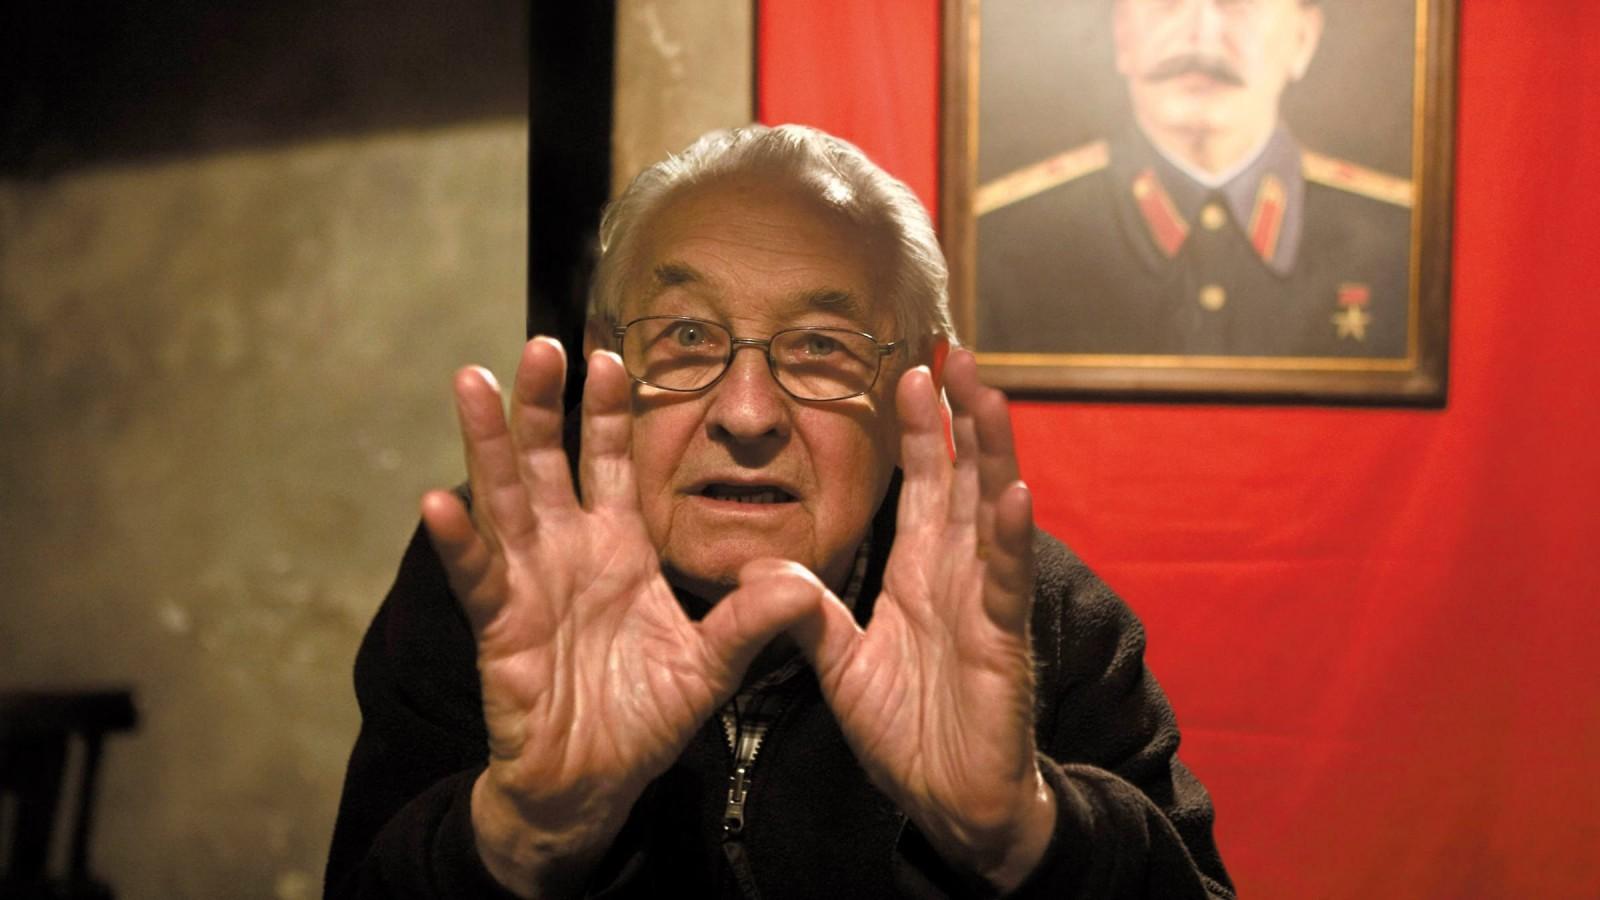 Andrzej Wajda, the Searcher